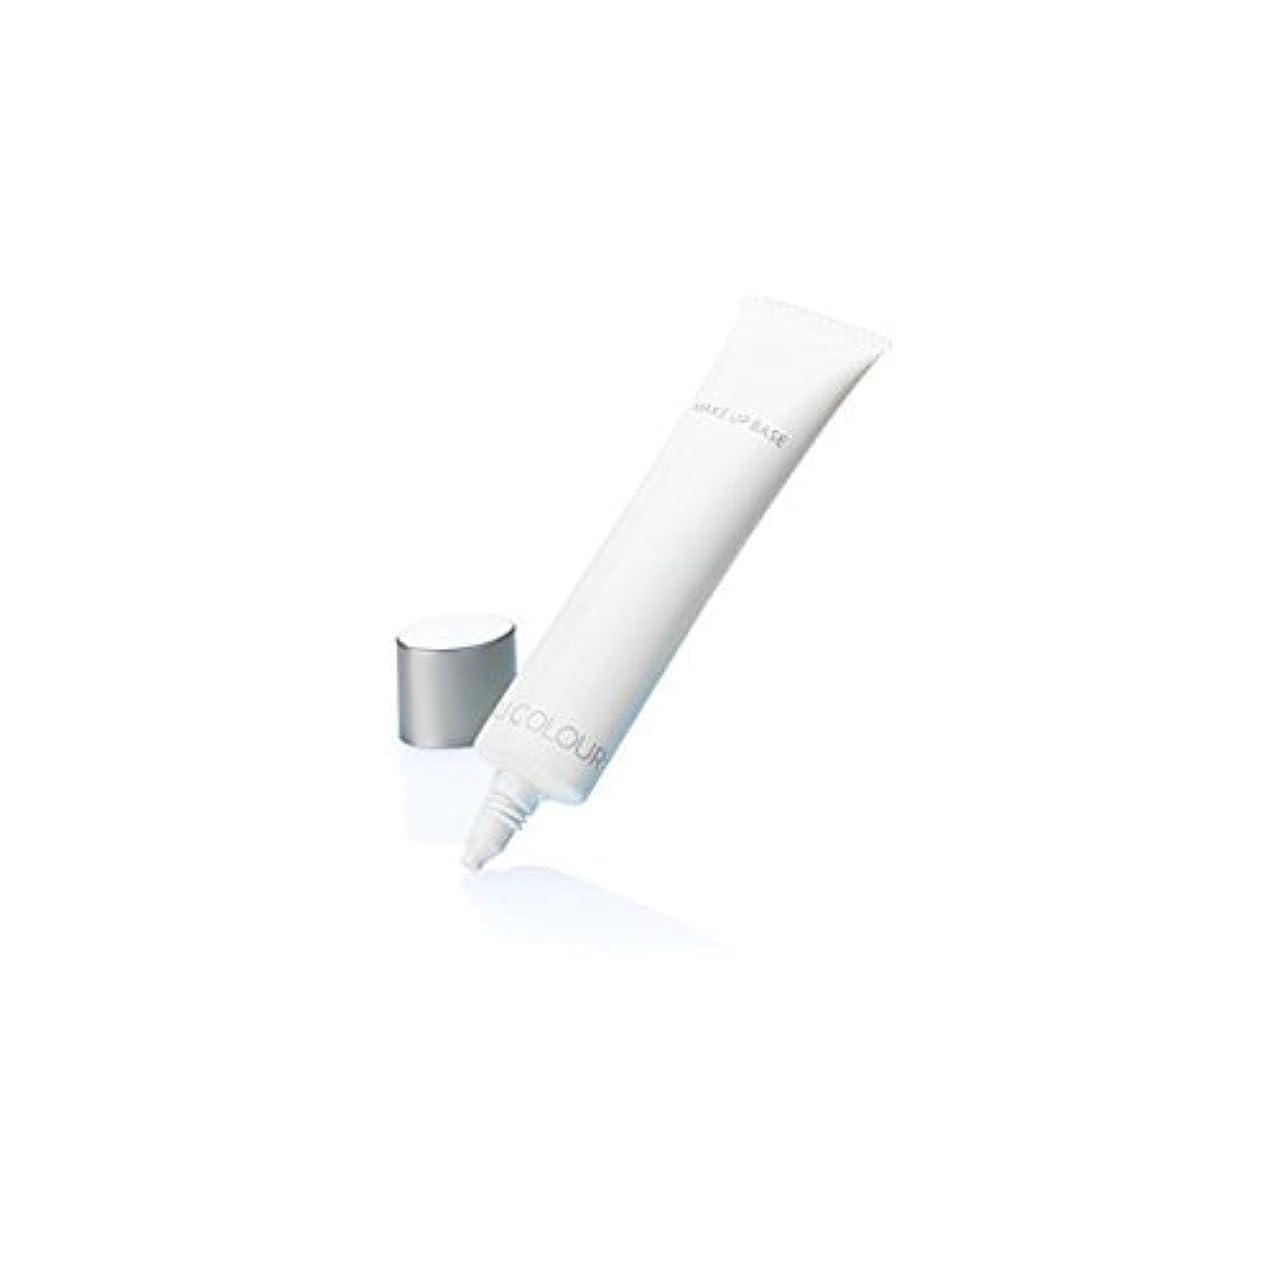 サスティーン何不変ニュースキン NU SKIN UV メイクアップ ベース SPF18?PA++ クリア 03160813